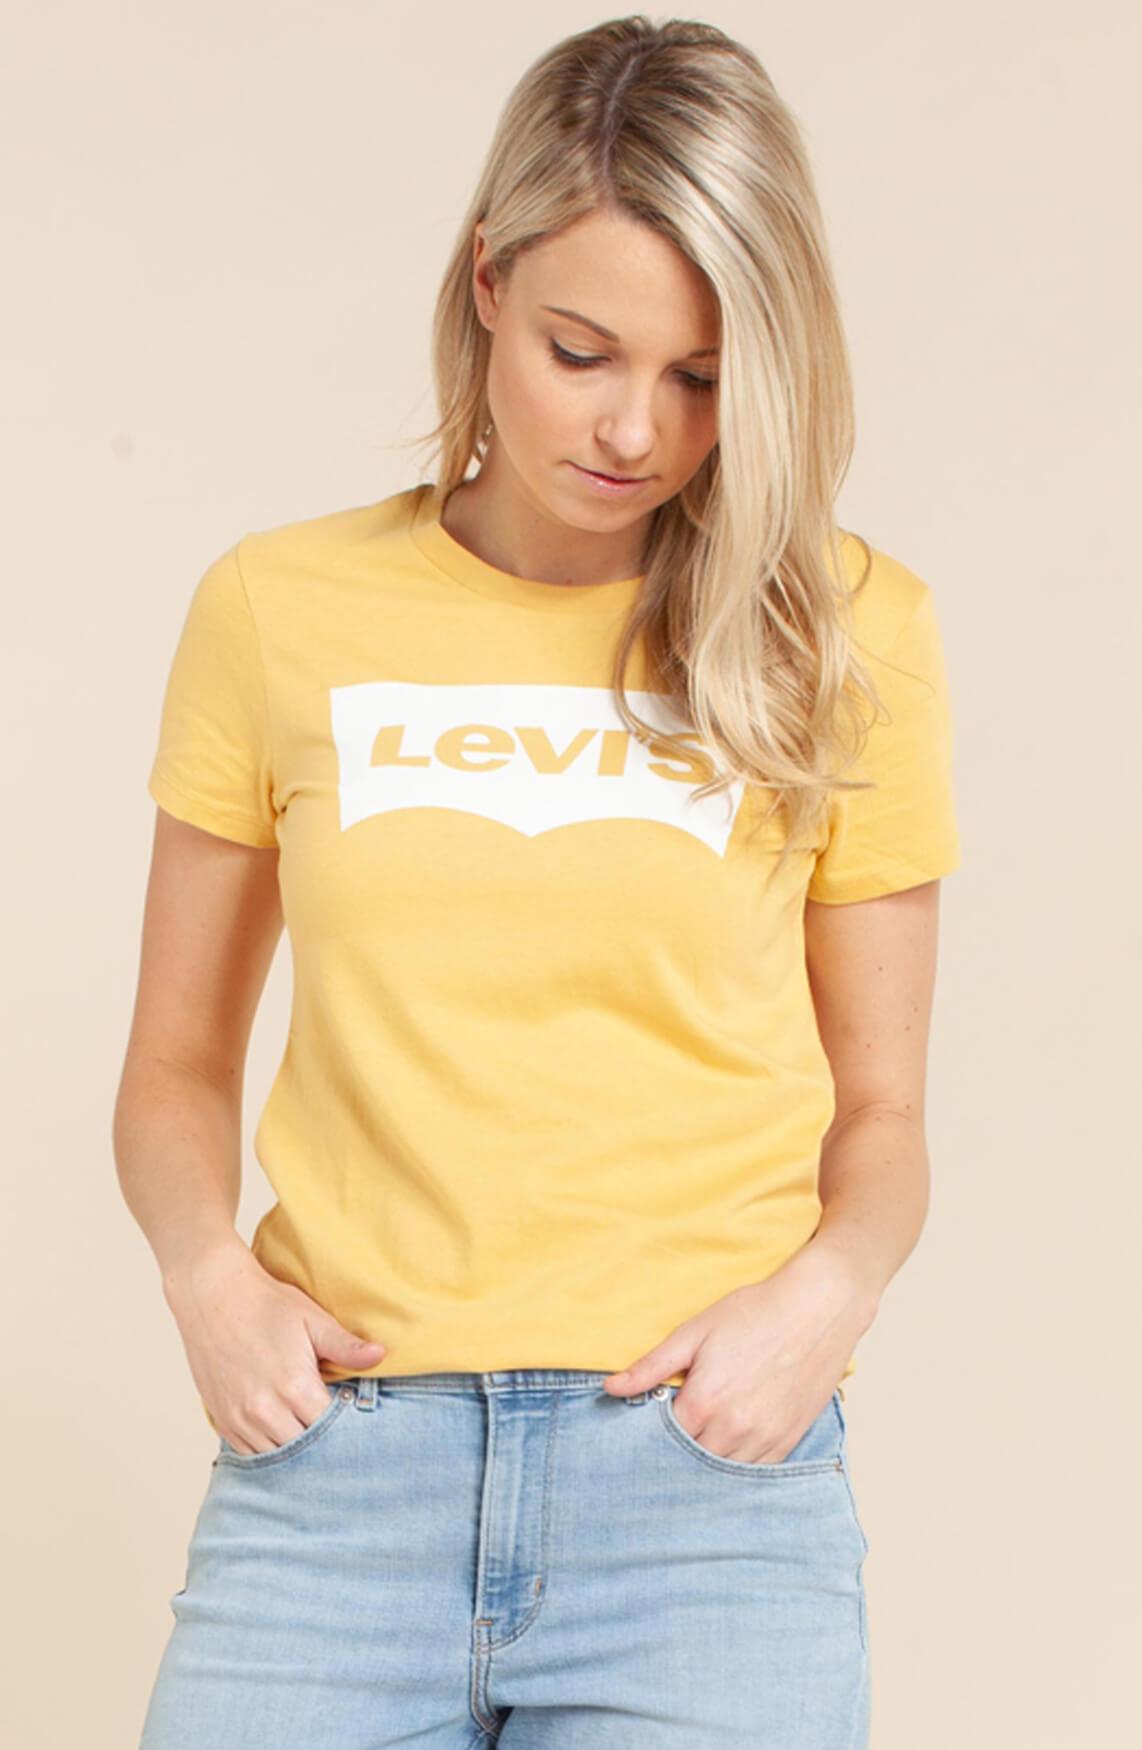 Levi s Dames Shirt met logo opdruk geel